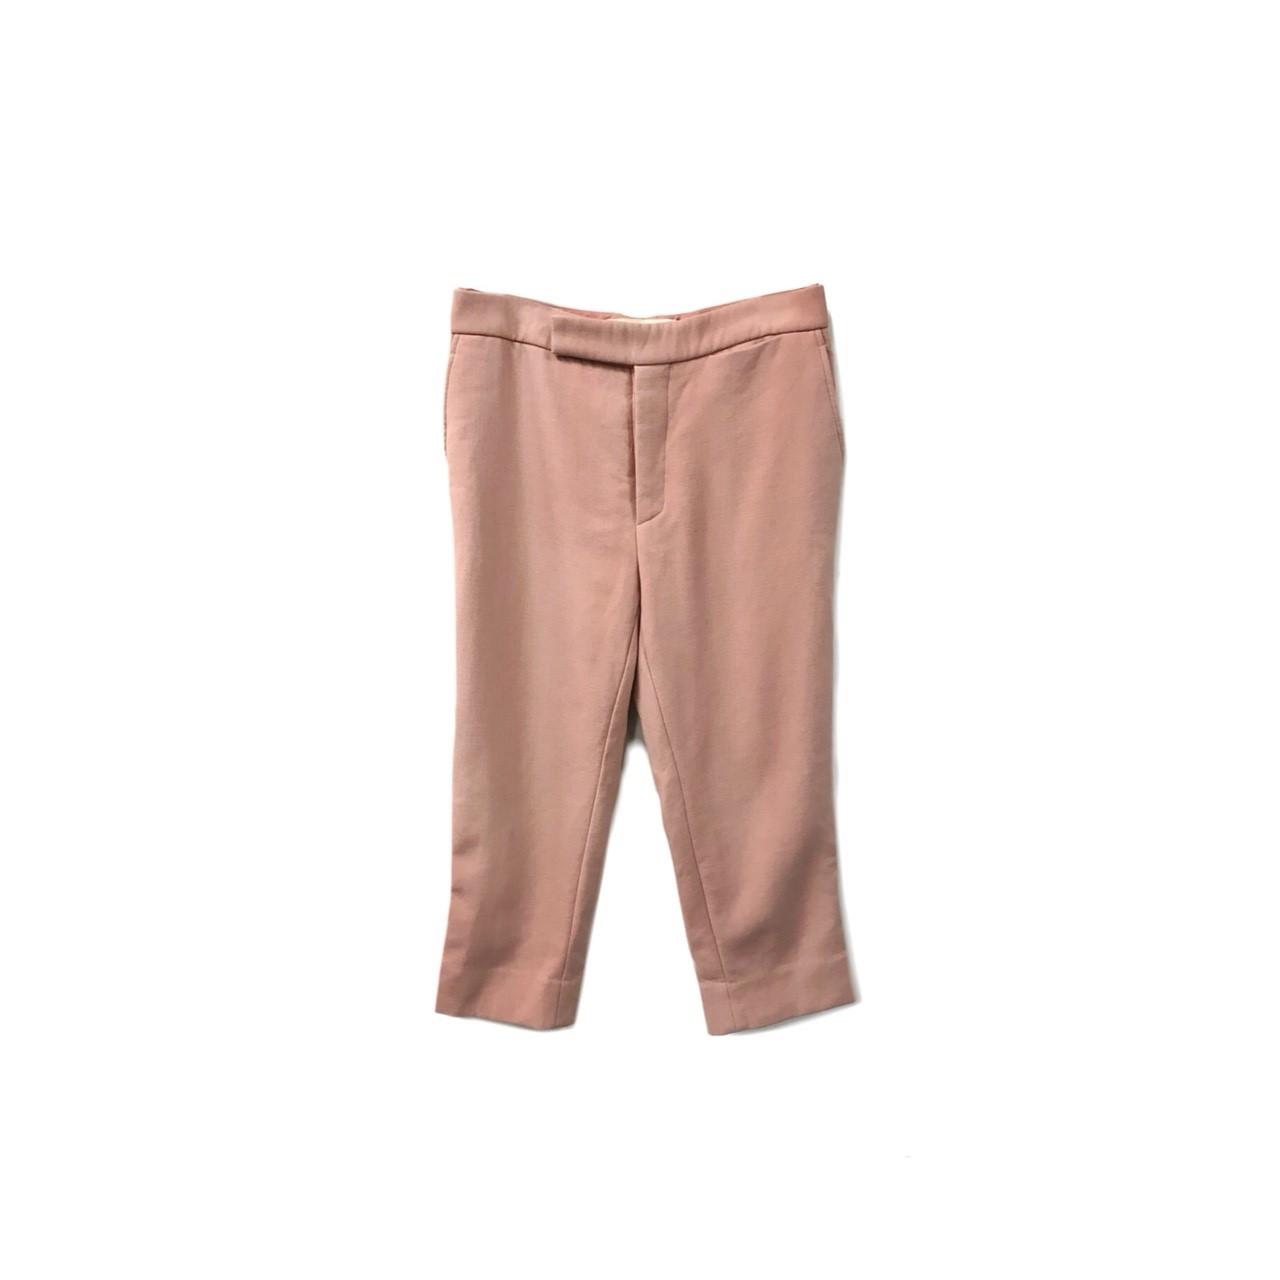 MARNI - Wool Pants (size - 40) ¥10500+tax→¥7350+tax